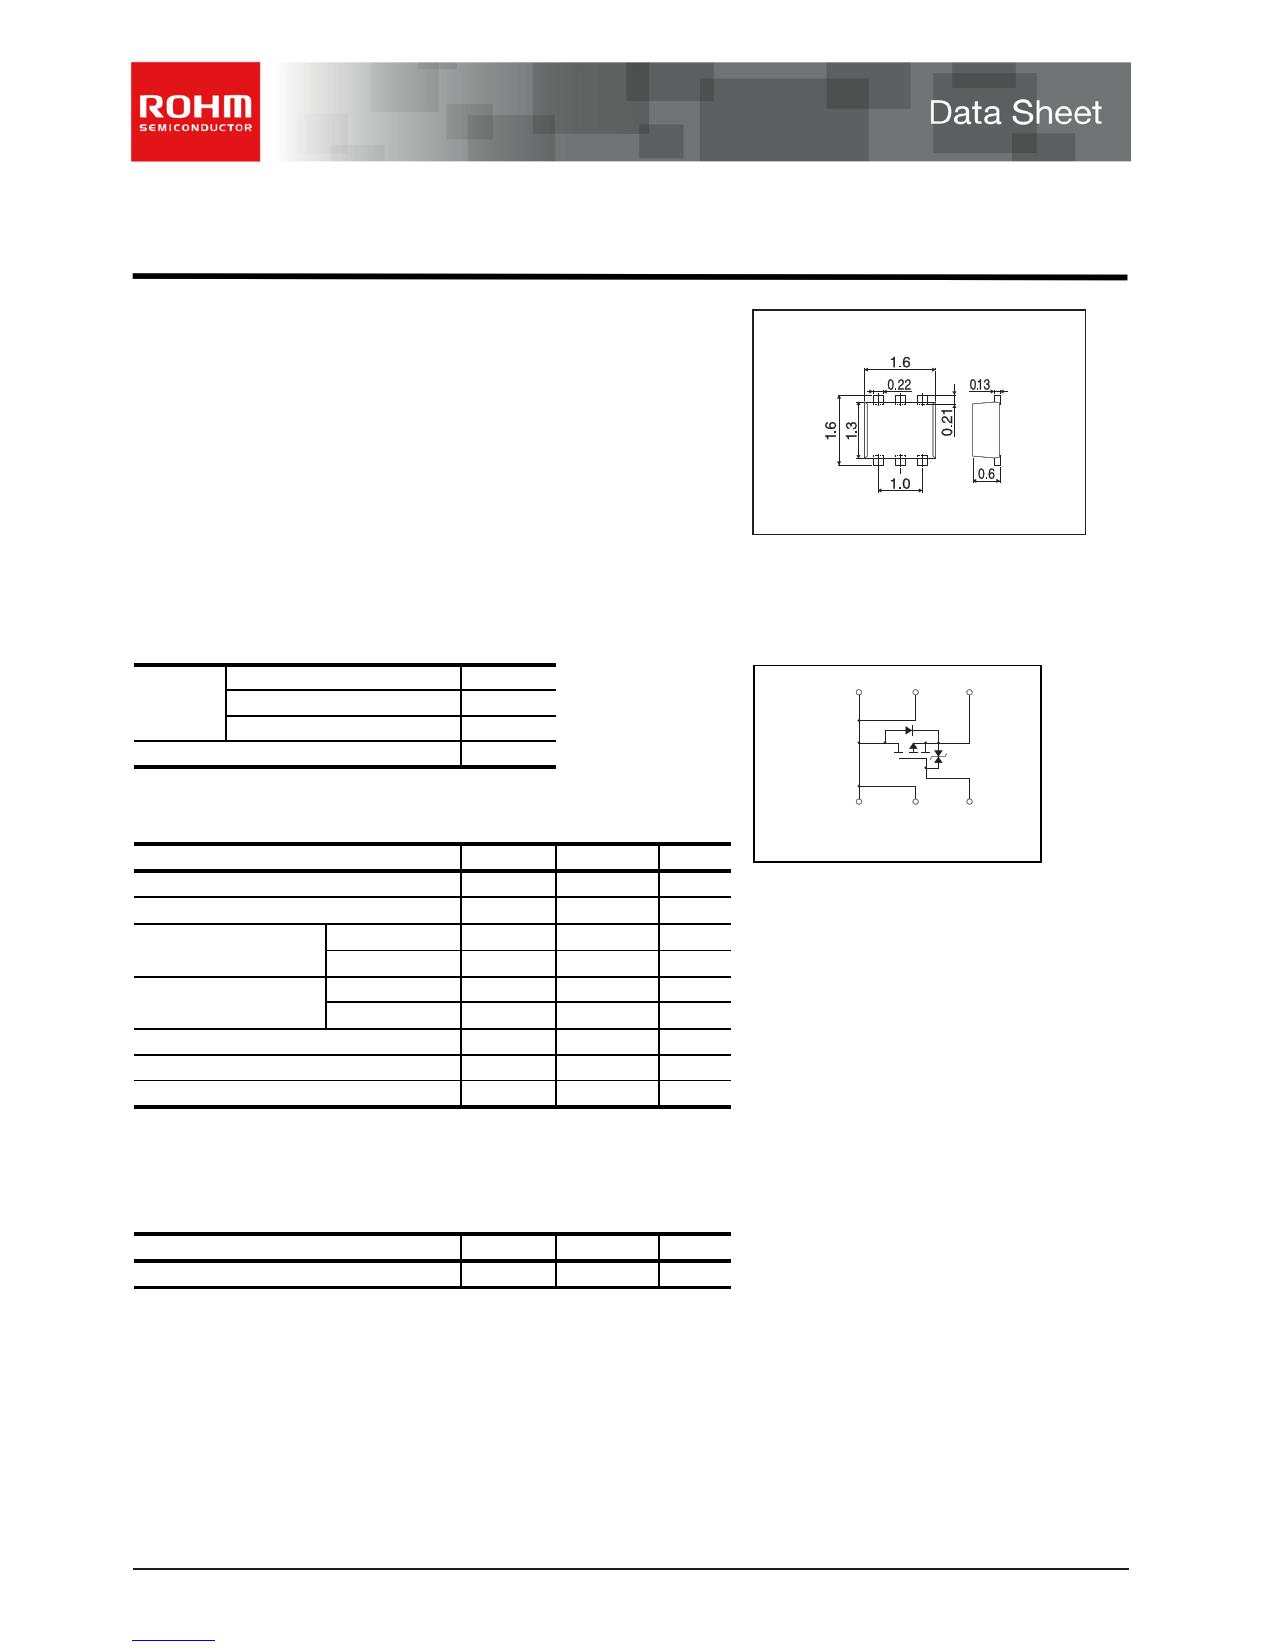 RW1A025ZP Datenblatt PDF